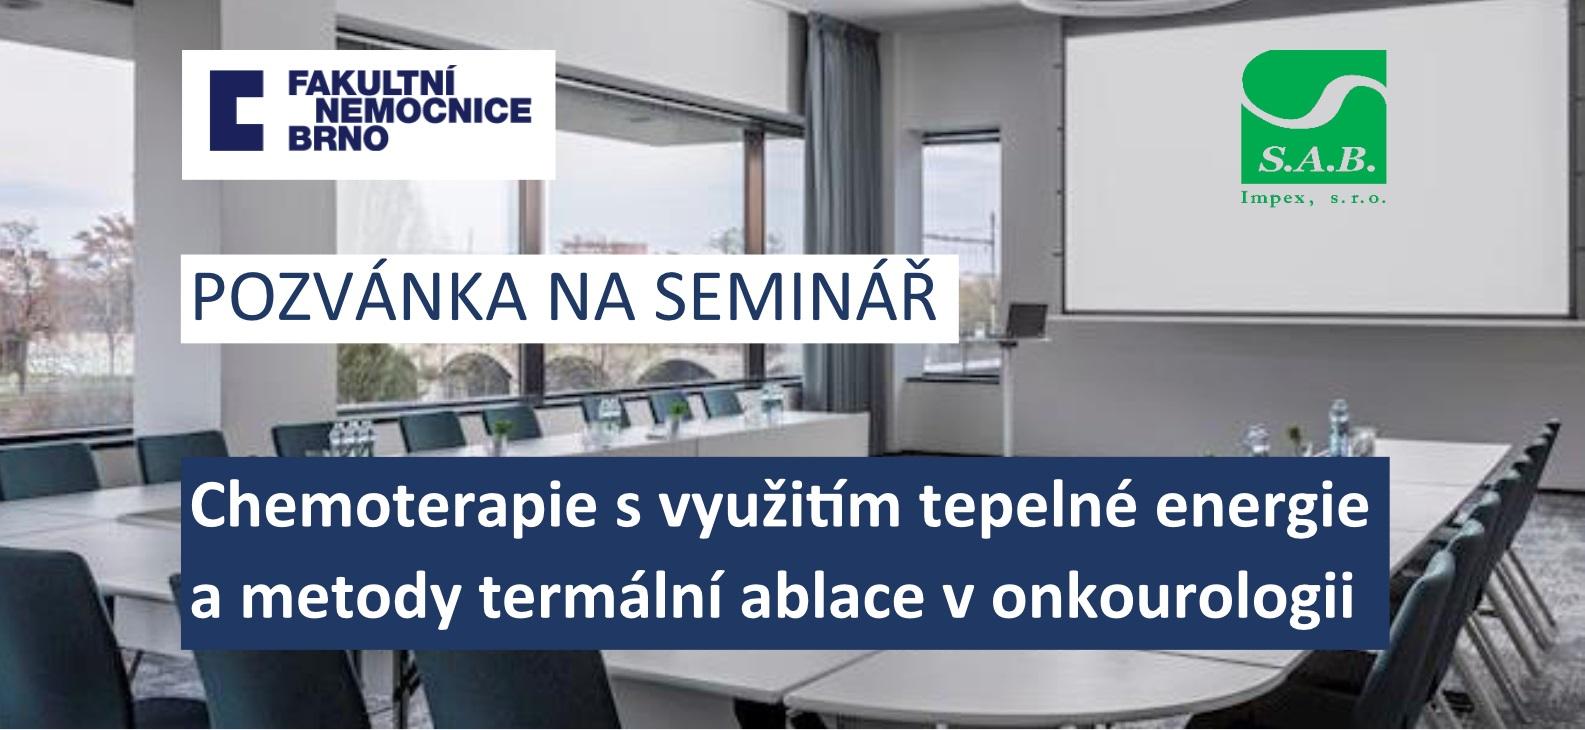 Pozvánka na seminář onkourologie